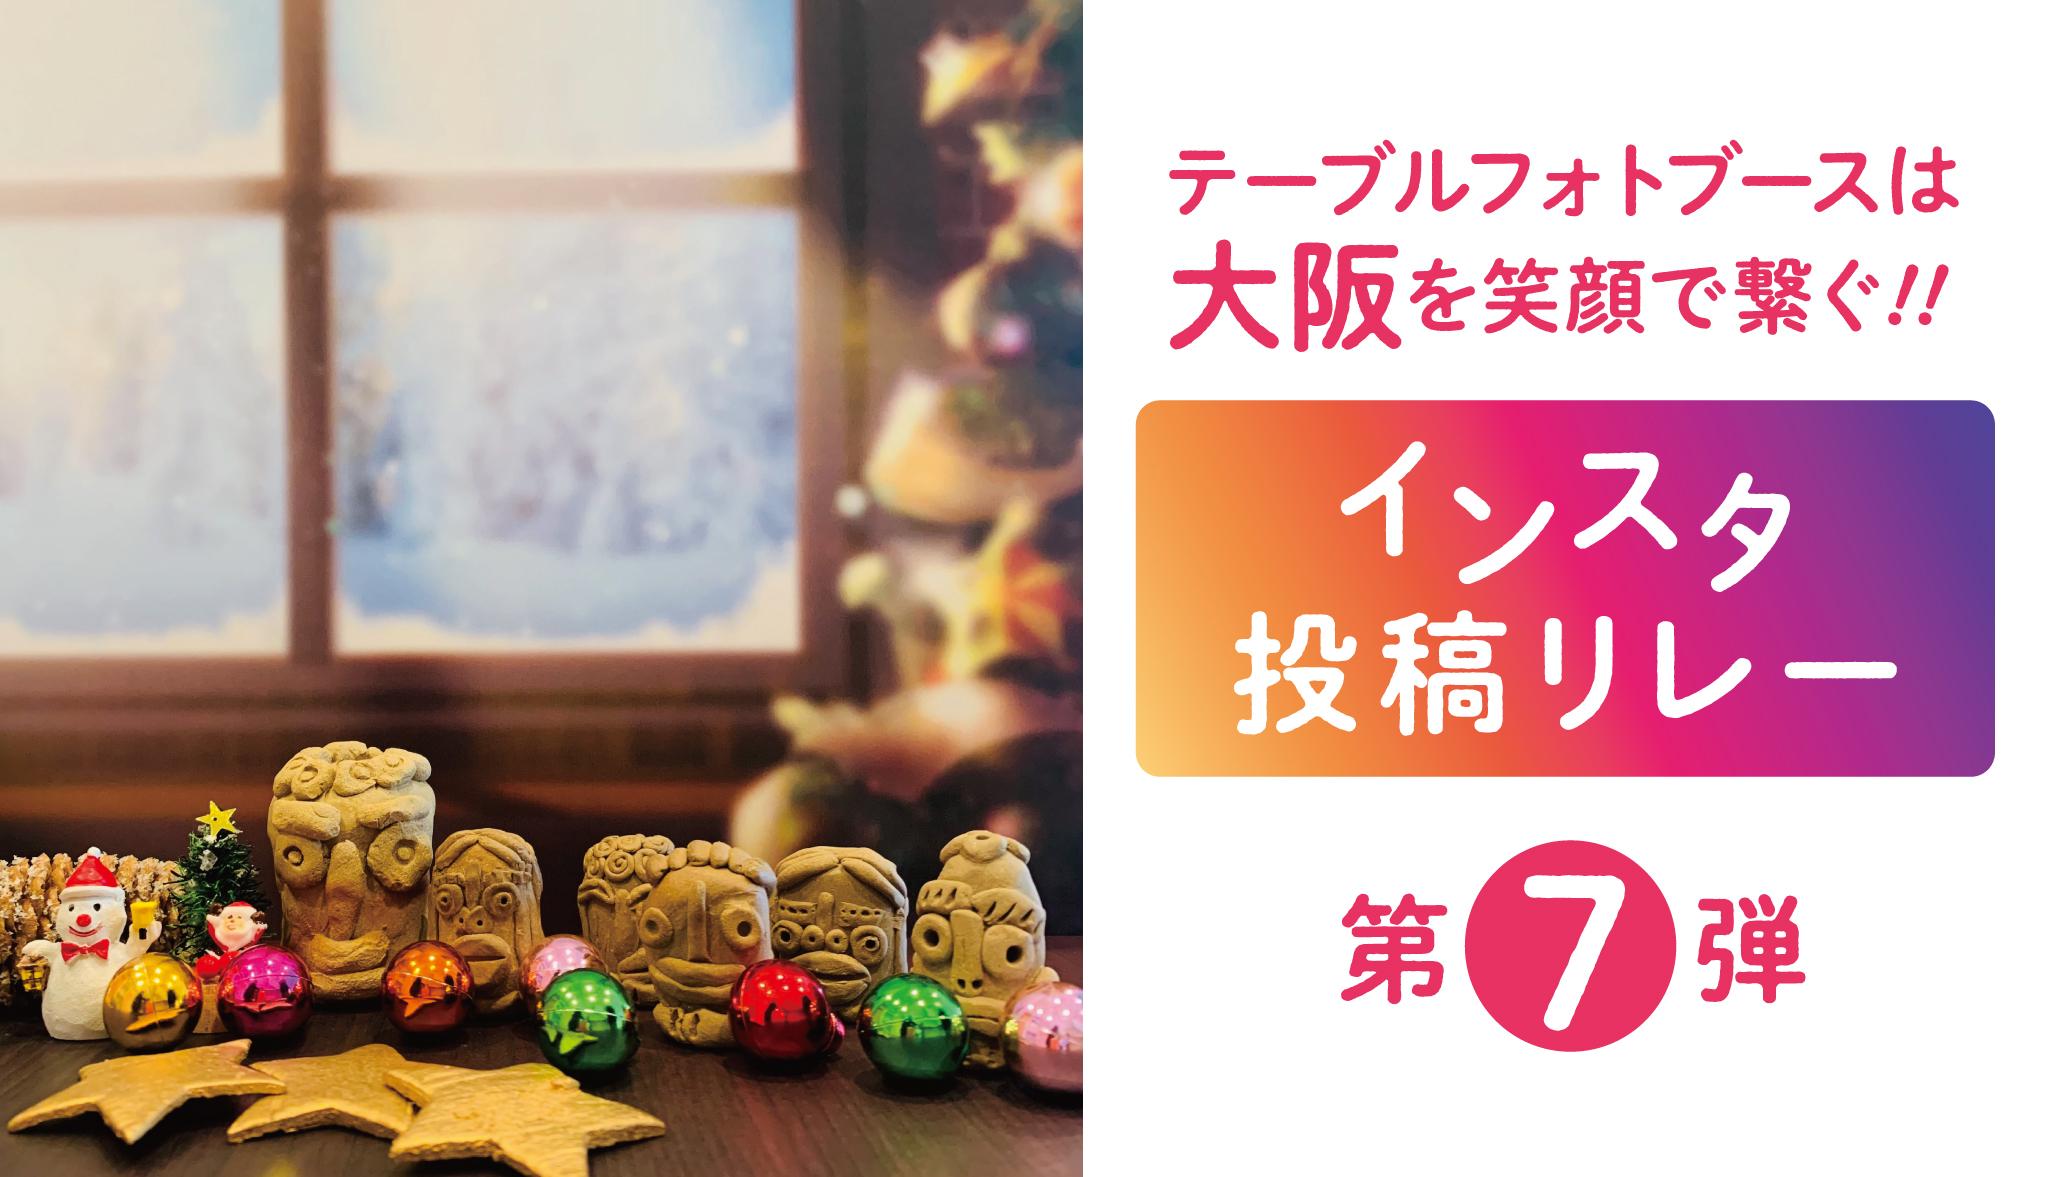 『テーブルフォトブースで大阪を笑顔で繋ぐ!!インスタ投稿リレー』第7弾!!